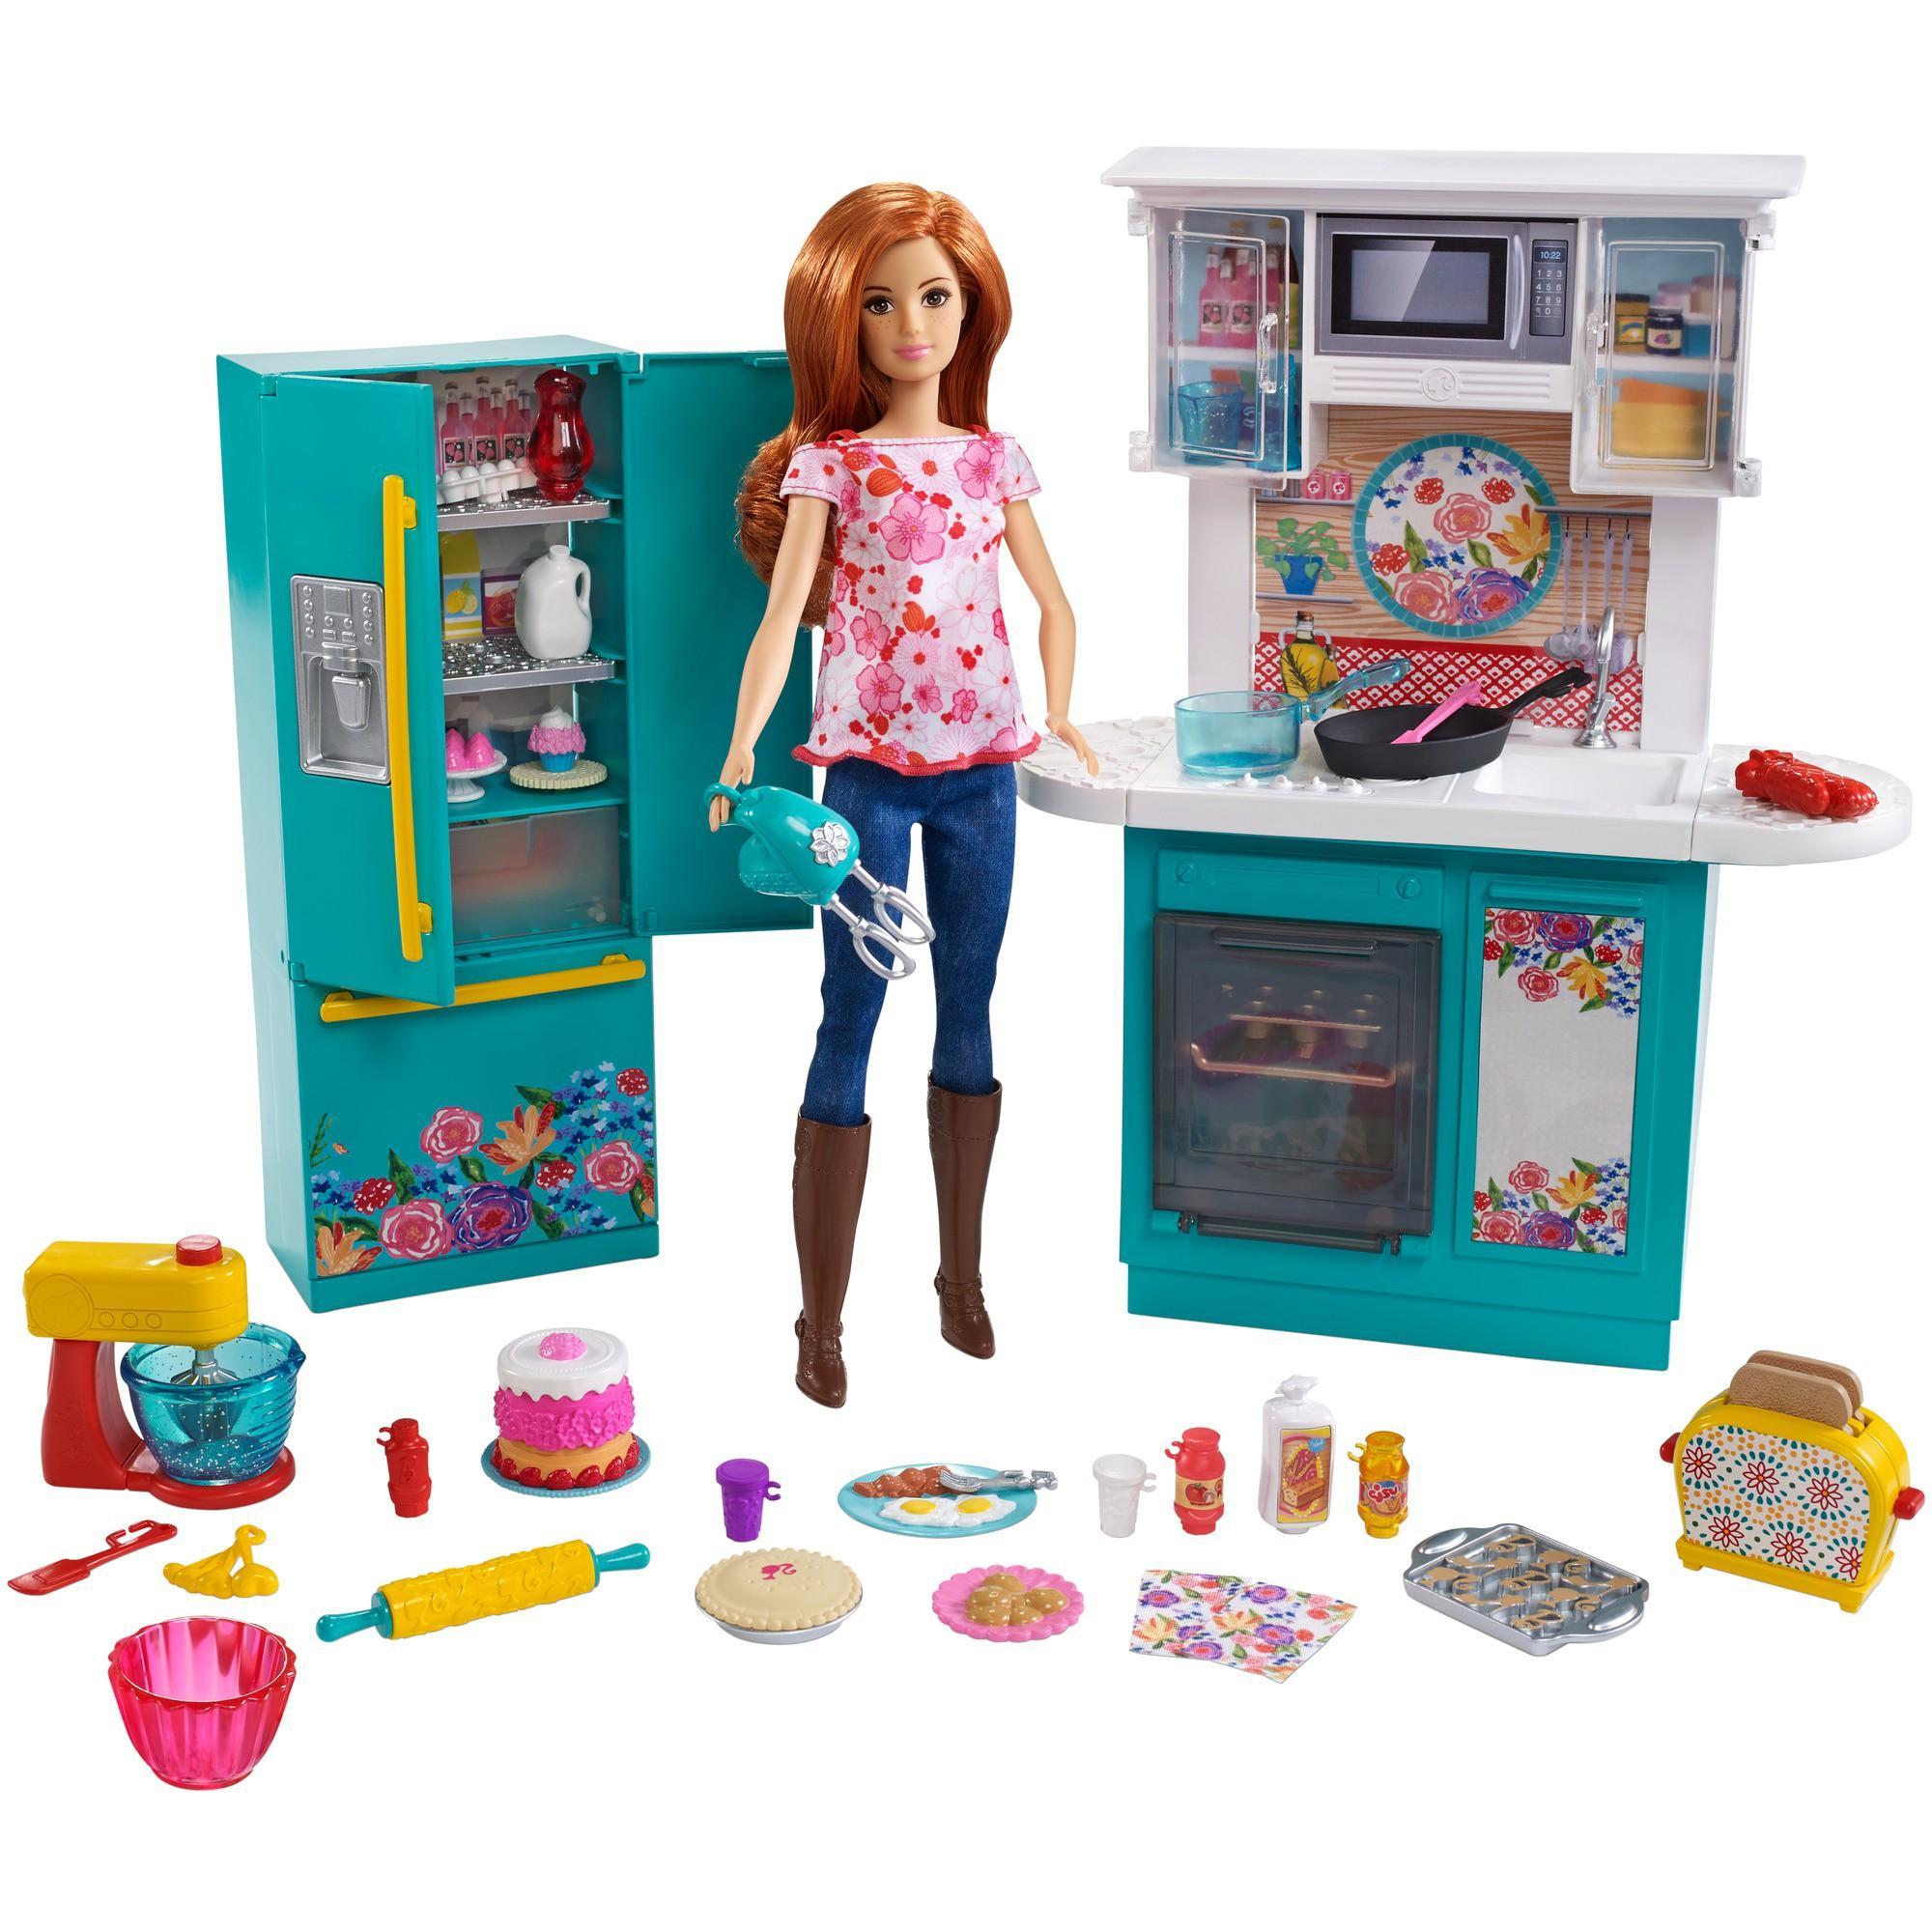 Pioneer Woman Barbie set